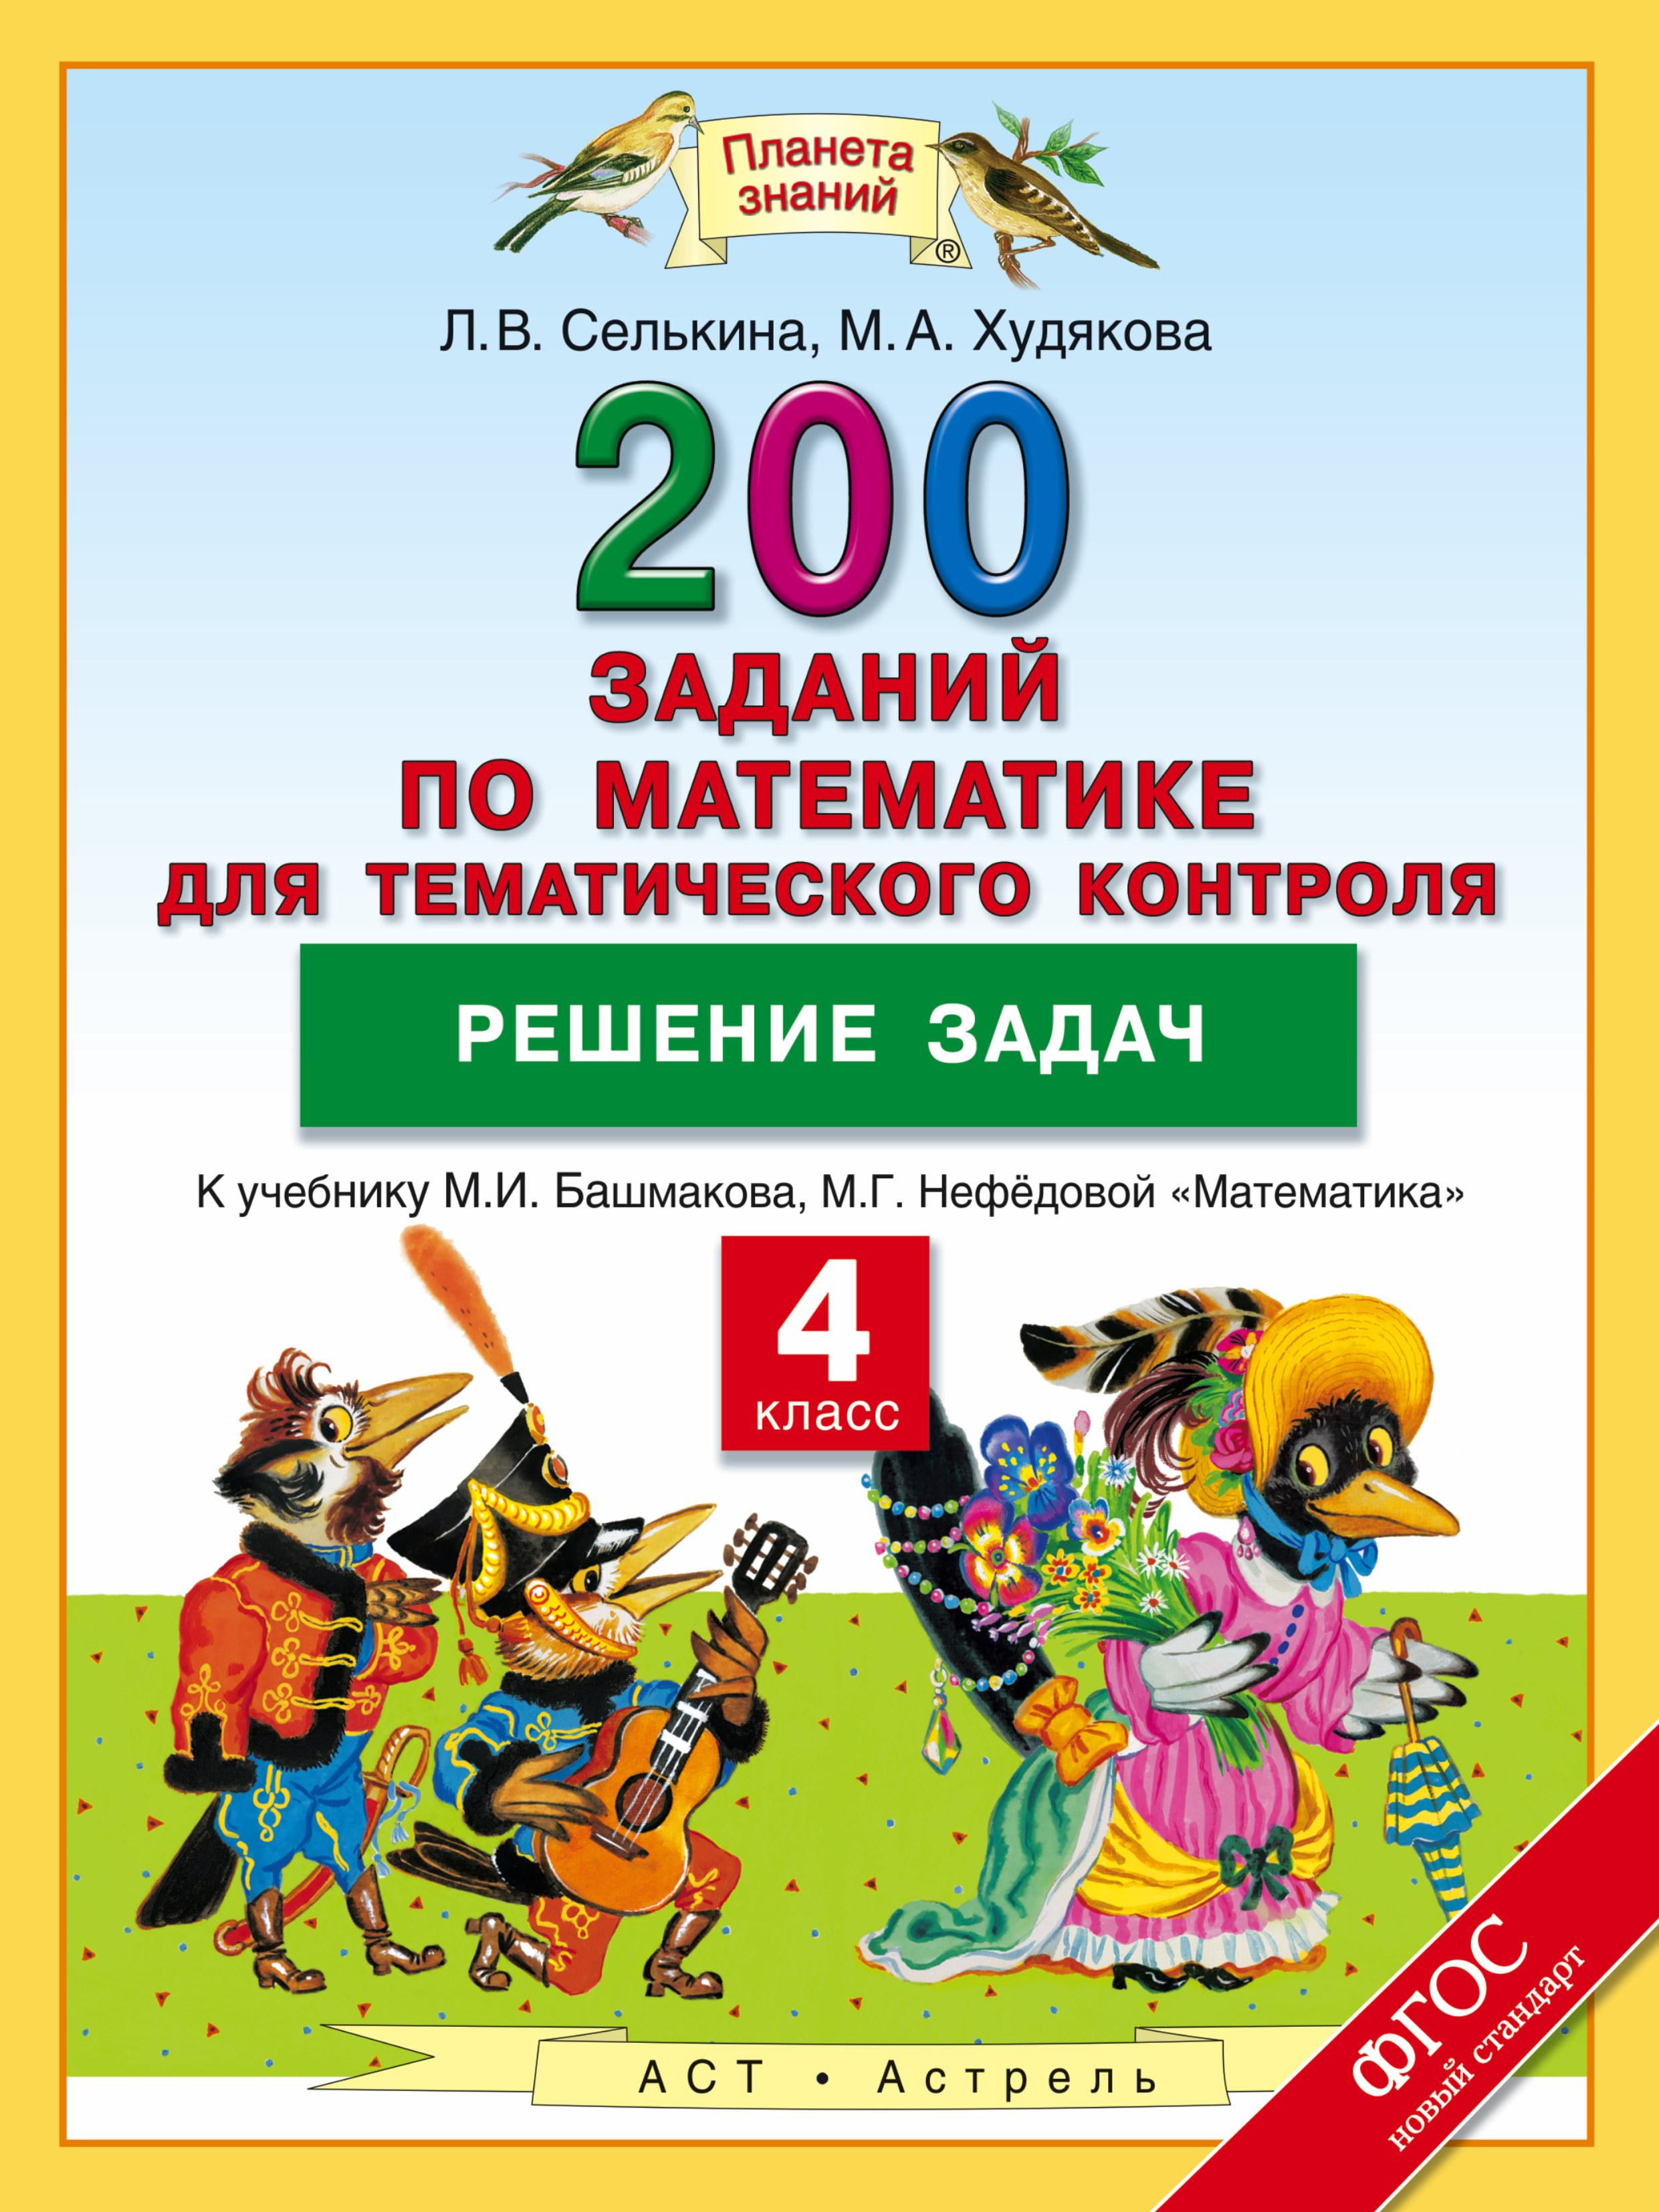 Решение задач. Математика. 4 класс. 200 заданий по математике для тематического контроля